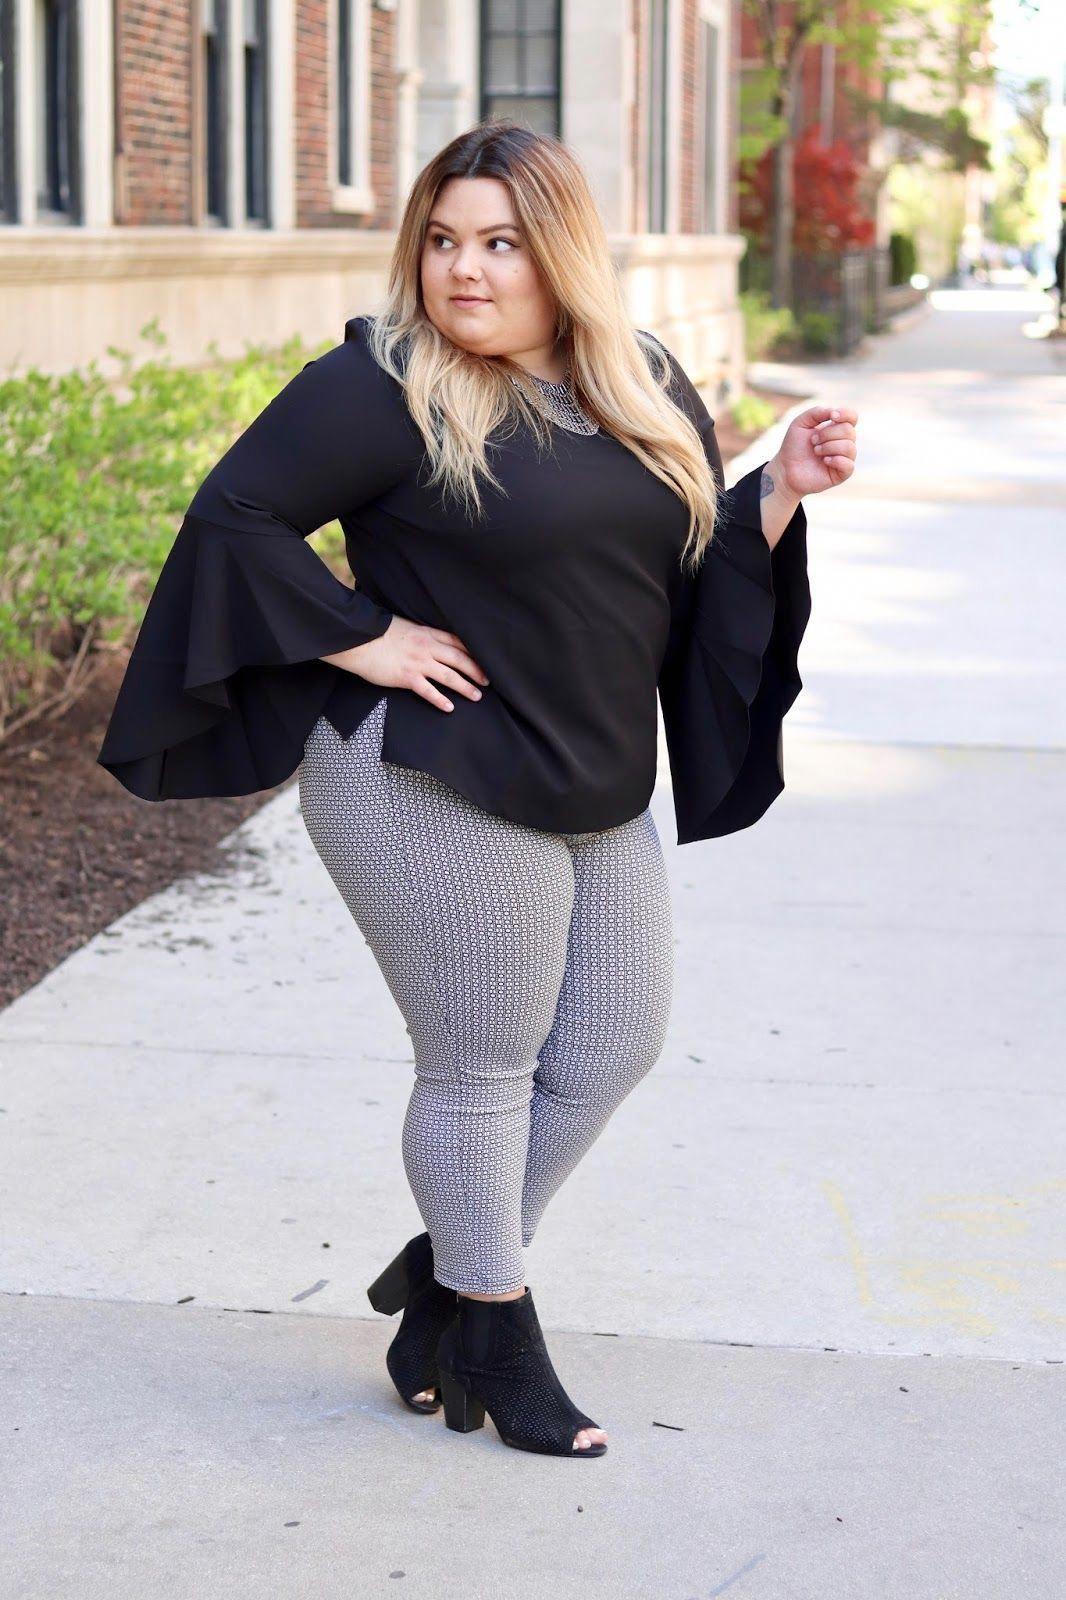 blue tutu madness | Mode große größen, Kurvige outfits